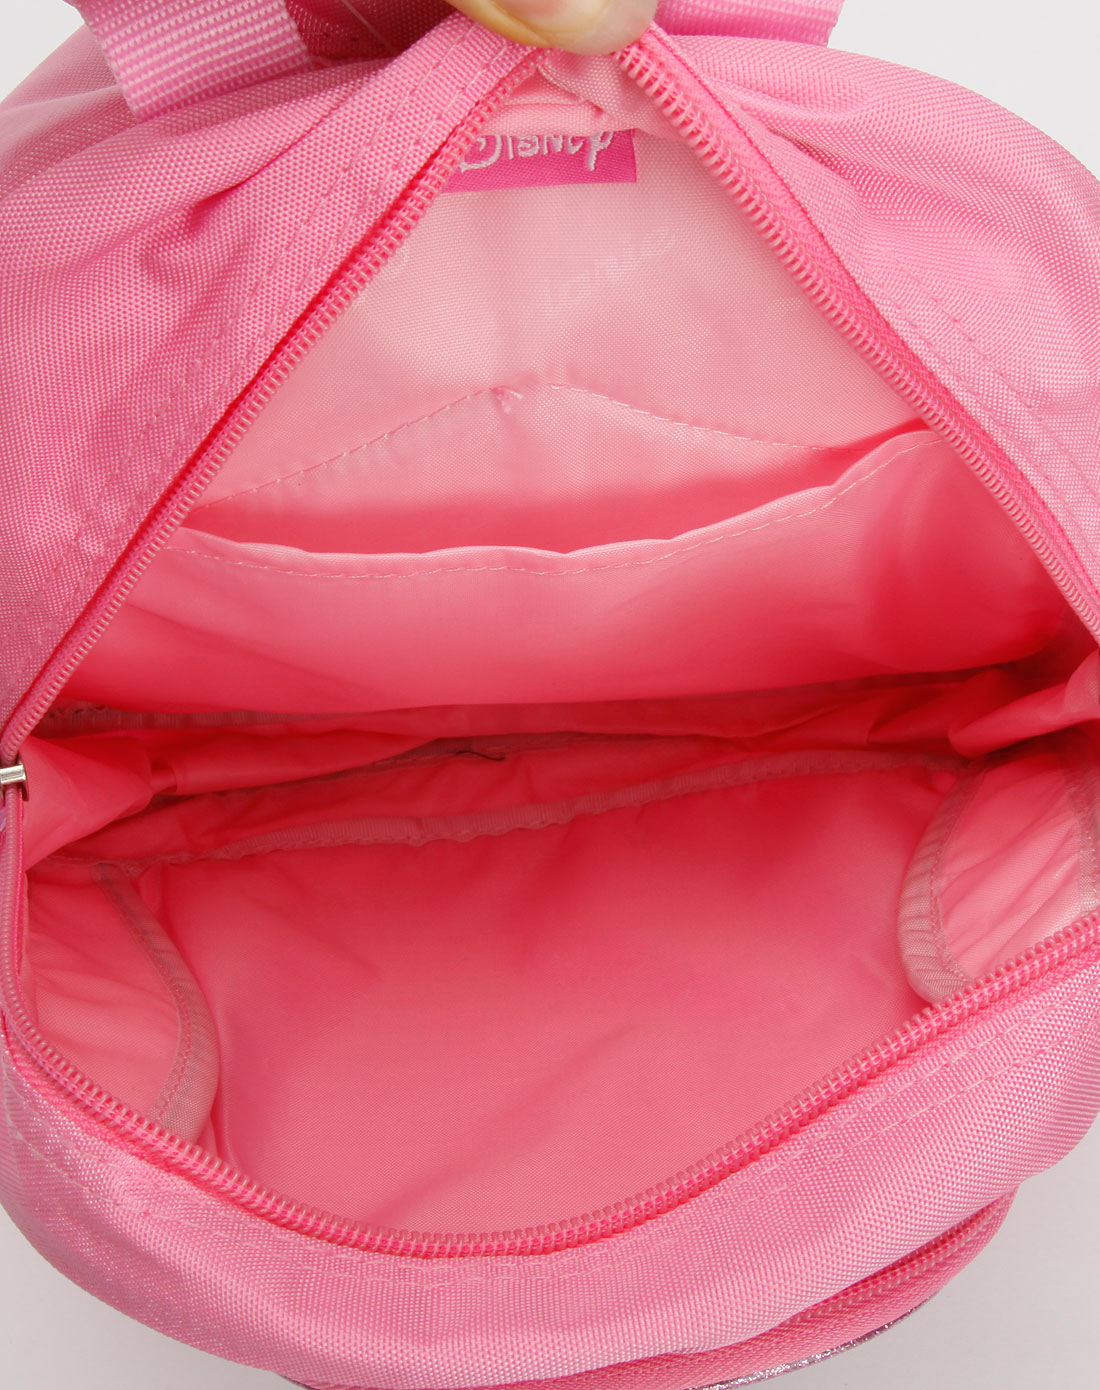 迪士尼disney-书包,粉红色可爱小书包